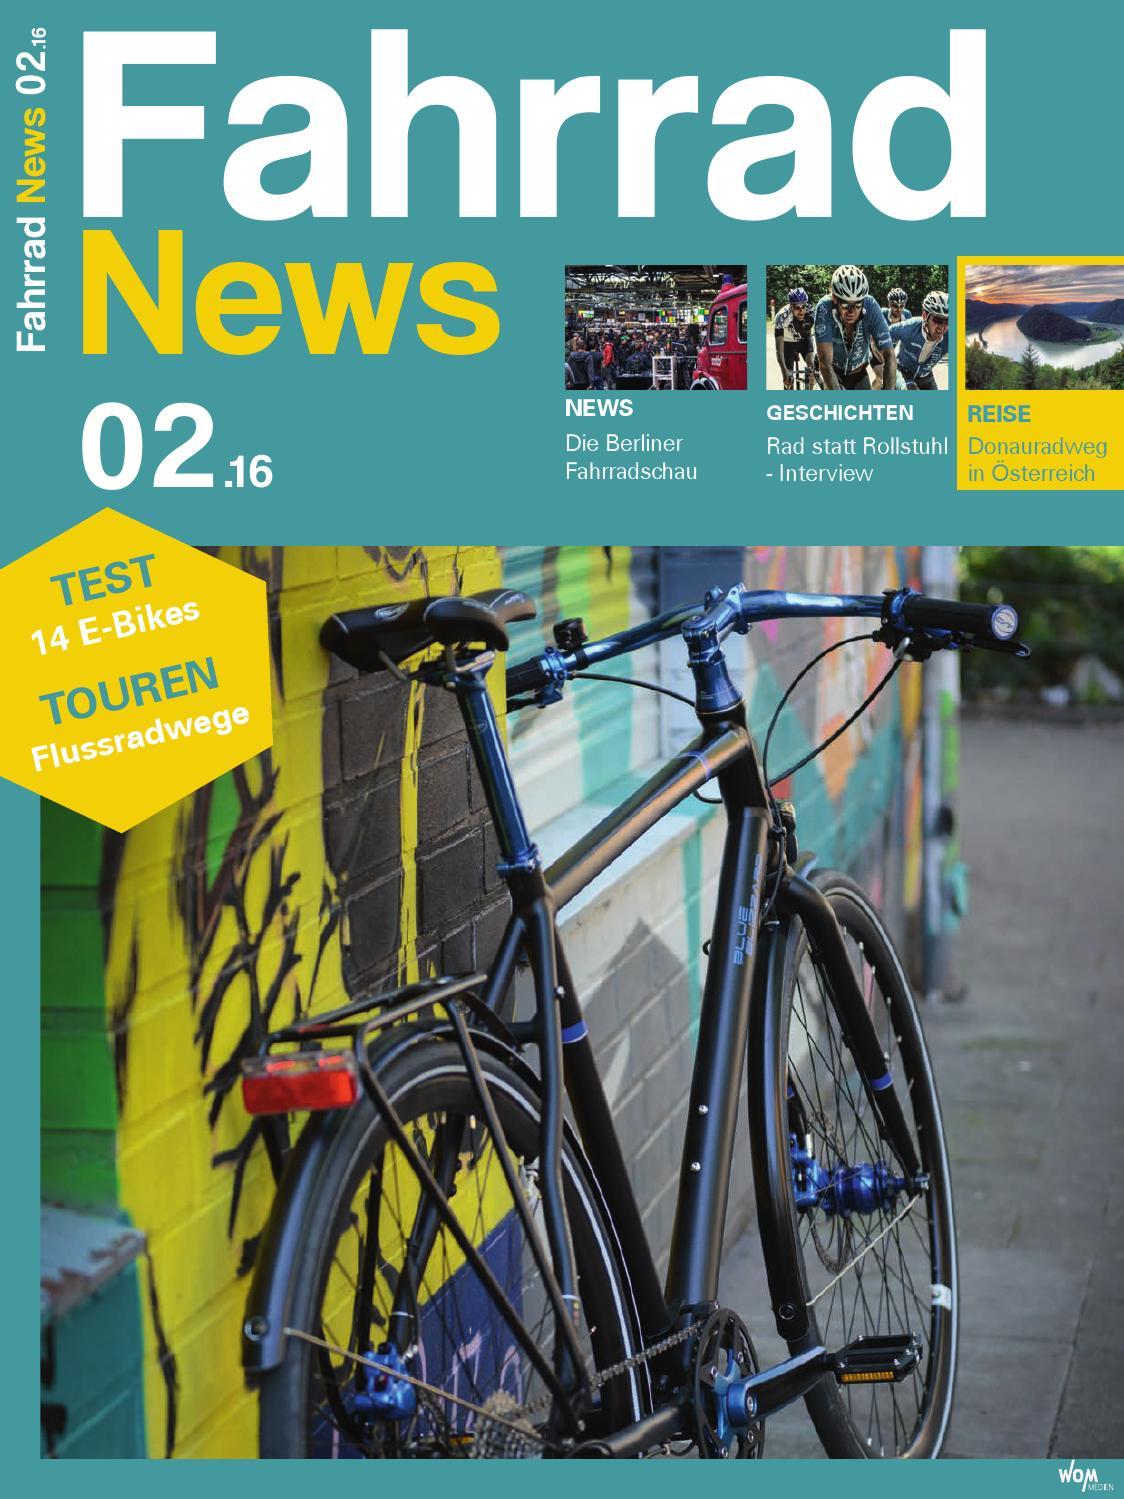 Fahrrad News 02.2016 by WOM Medien - issuu